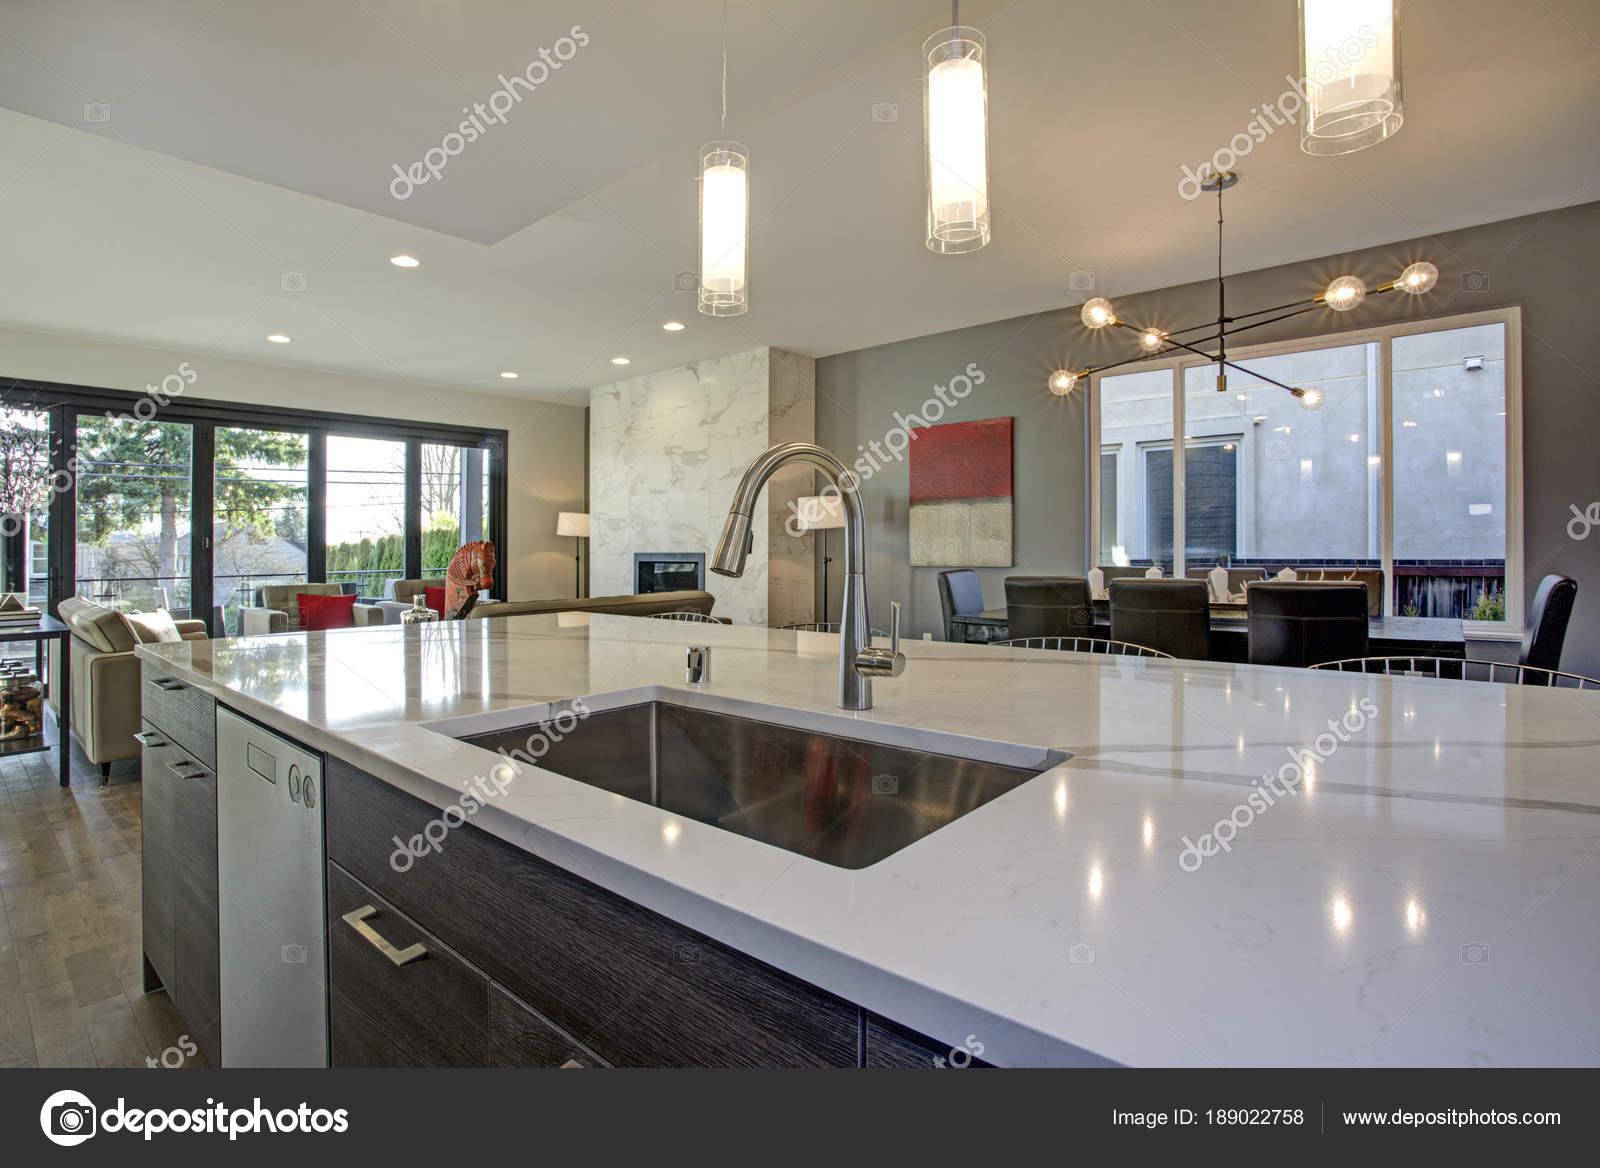 Interior De Sala Cozinha Branco E Cinza Com Piso Plano Aberto